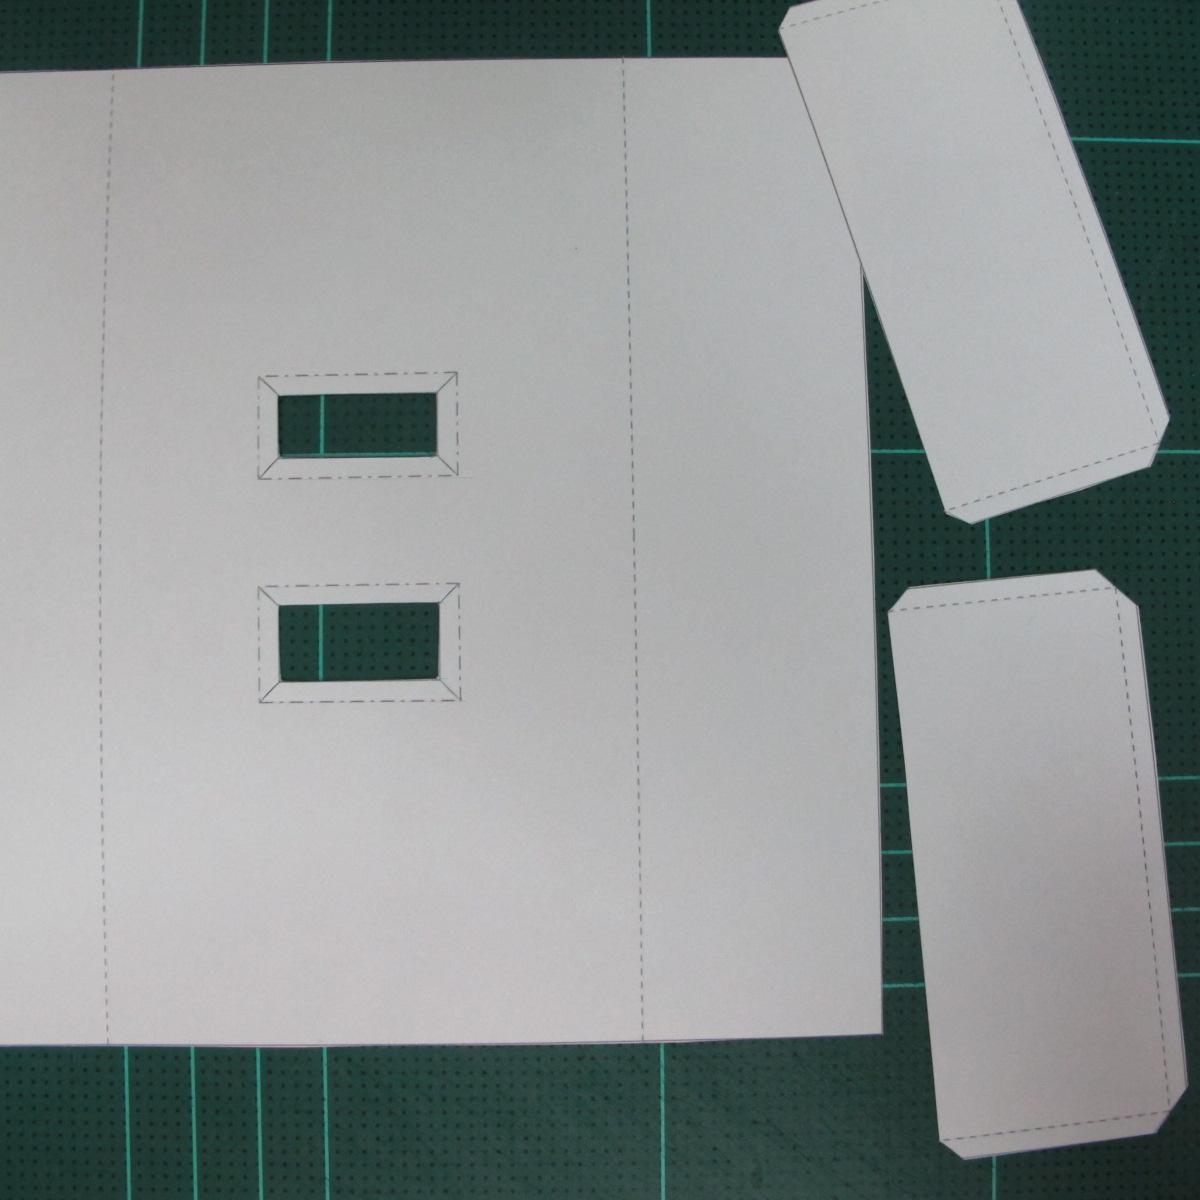 วิธีทำโมเดลกระดาษตุ้กตา คุกกี้ รัน คุกกี้รสซอมบี้ (LINE Cookie Run Zombie Cookie Papercraft Model) 026